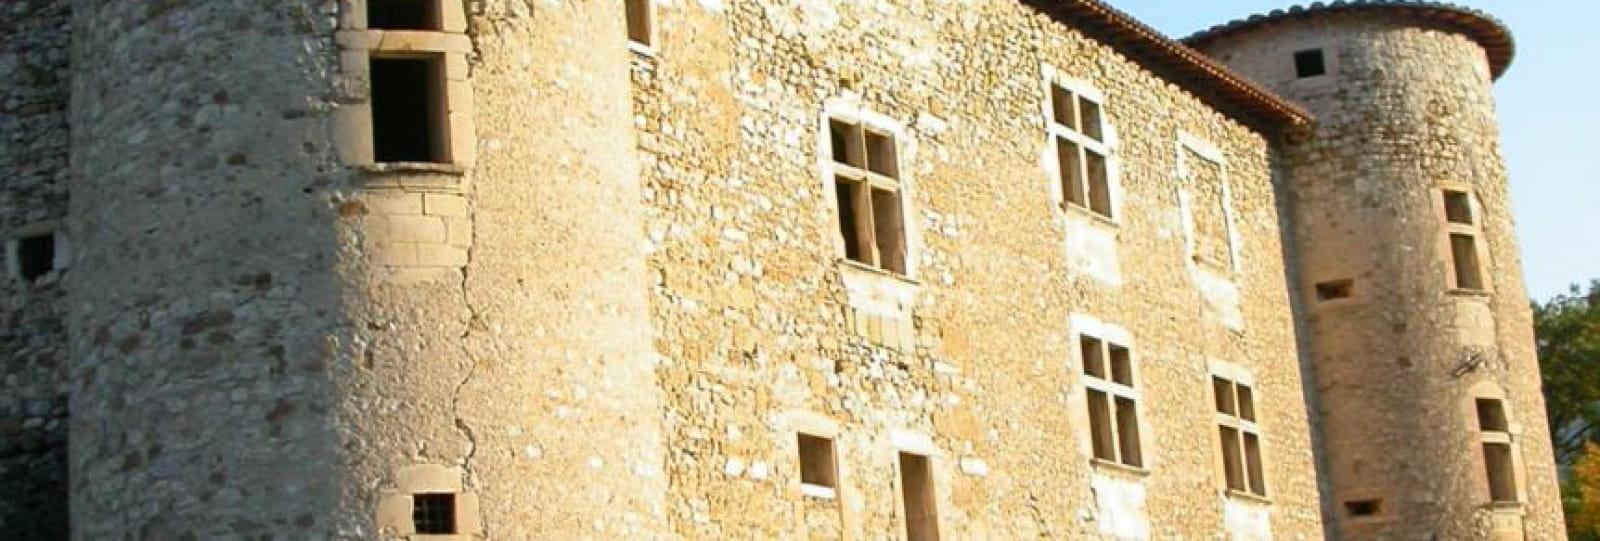 Château de la Charce